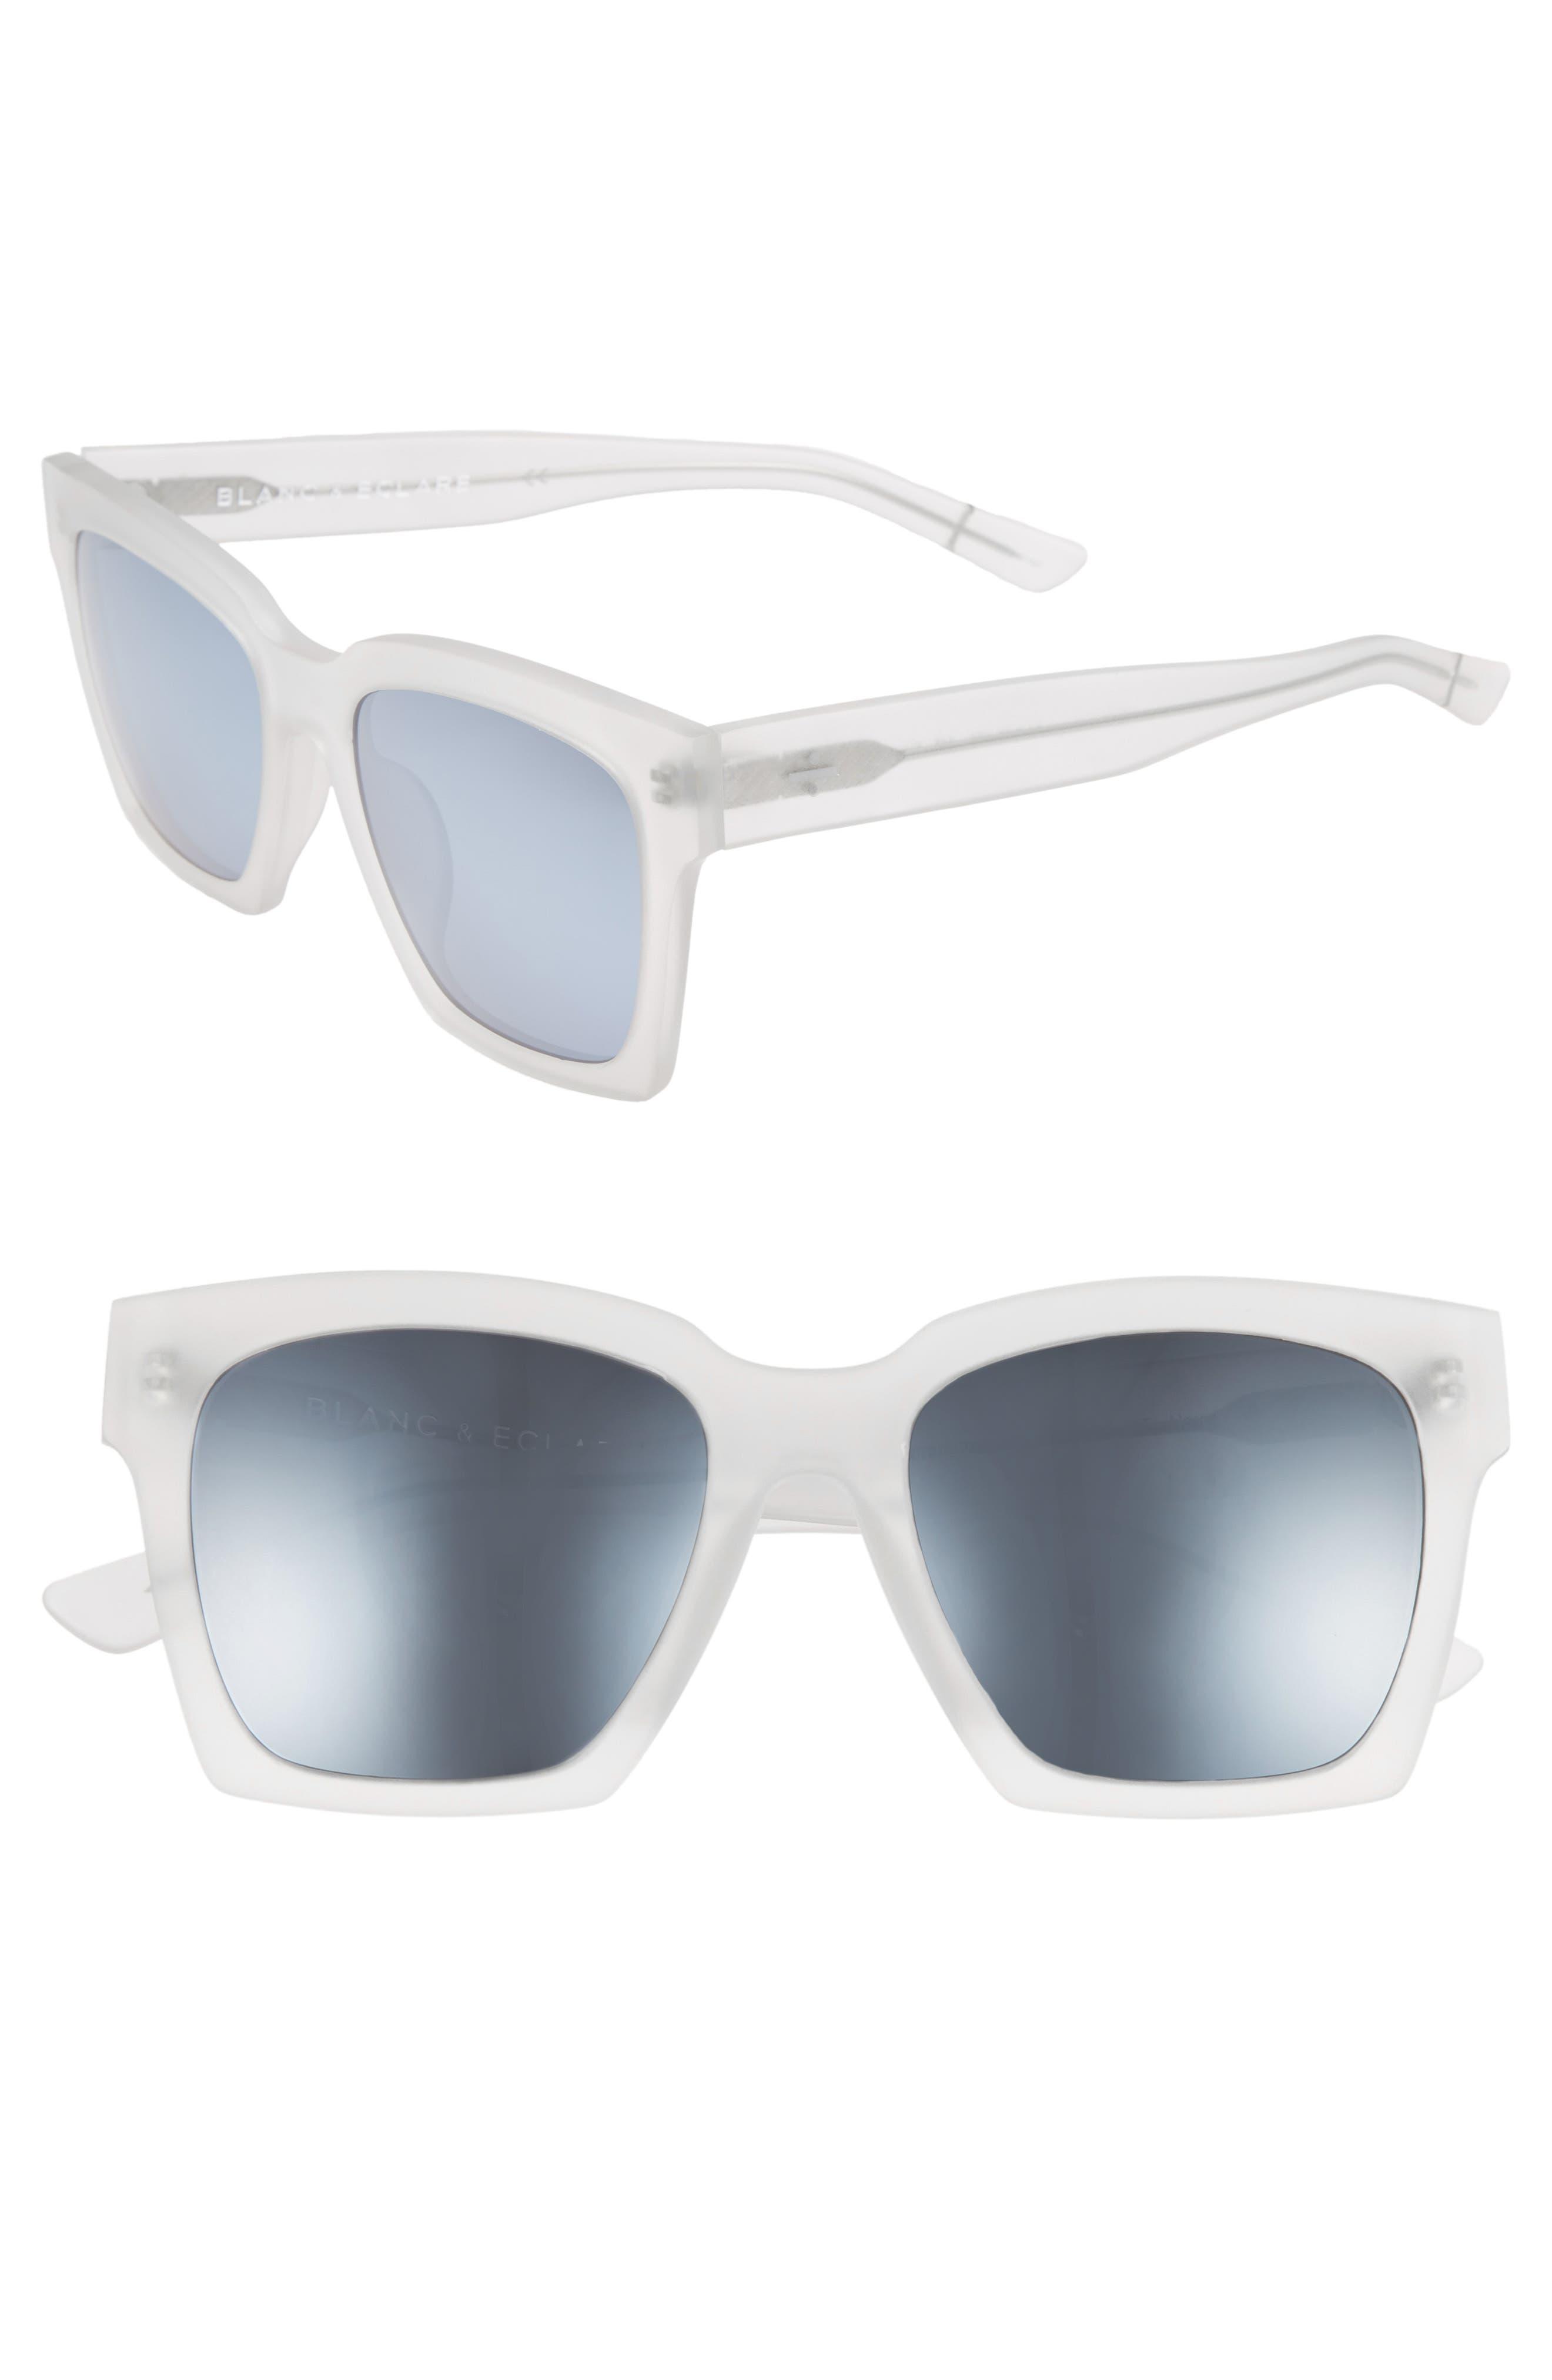 BLANC & ECLARE New York 54mm Polarized Sunglasses,                         Main,                         color, MATTE/ SILVER MIRROR